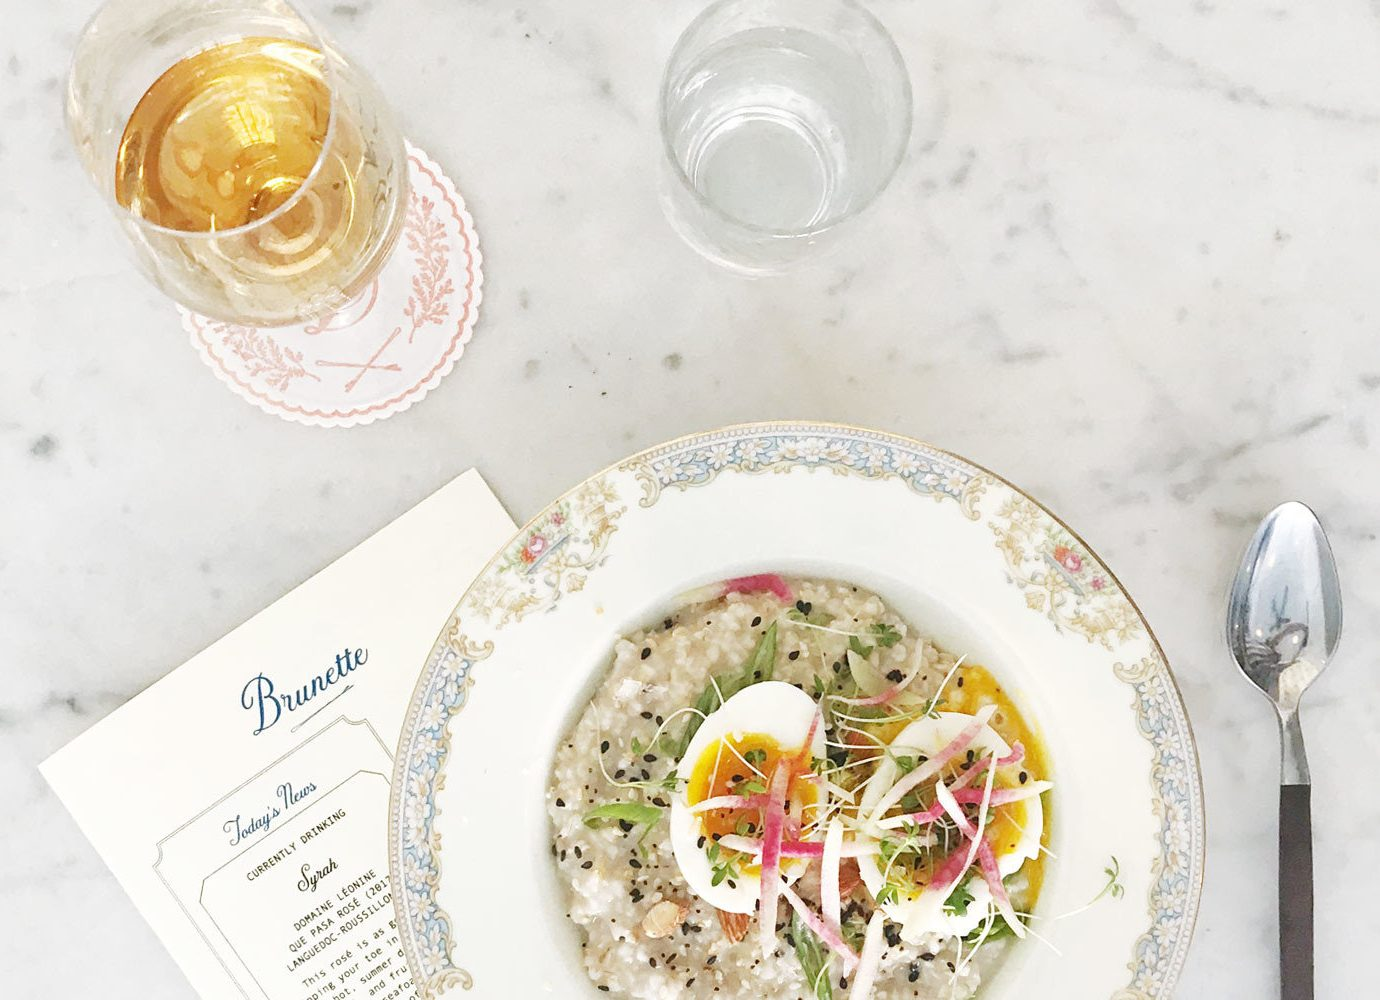 Food + Drink Romantic Getaways Weekend Getaways table dish plate food cuisine vegetarian food meal tableware soup recipe breakfast